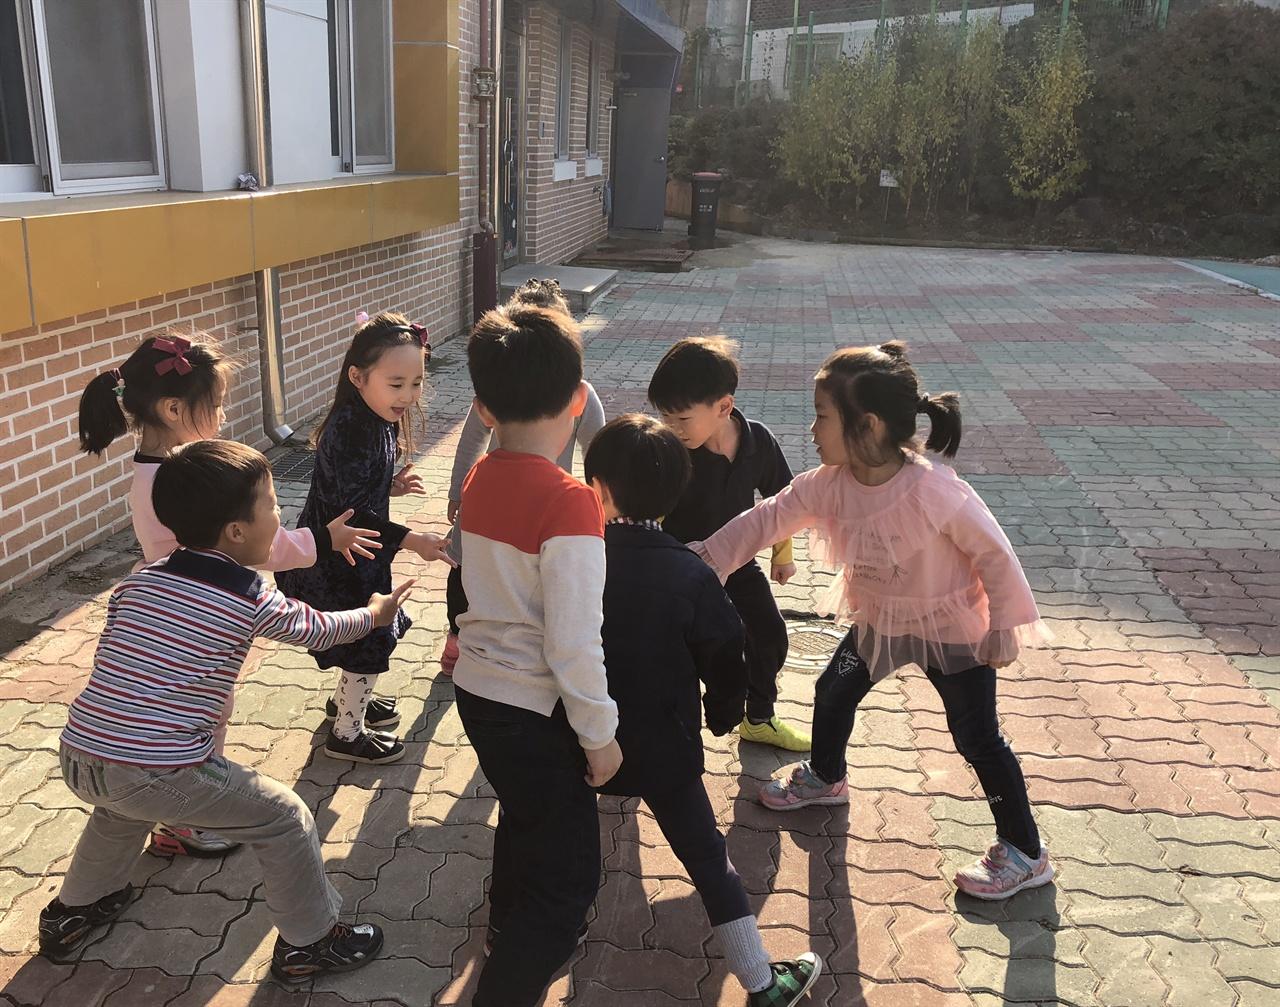 많은 아이들이 놀이터로 뛰어가며 와~하고 소리를 친다. 아이의 신나는 마음, 행복한 마음이 표출되는 거다.